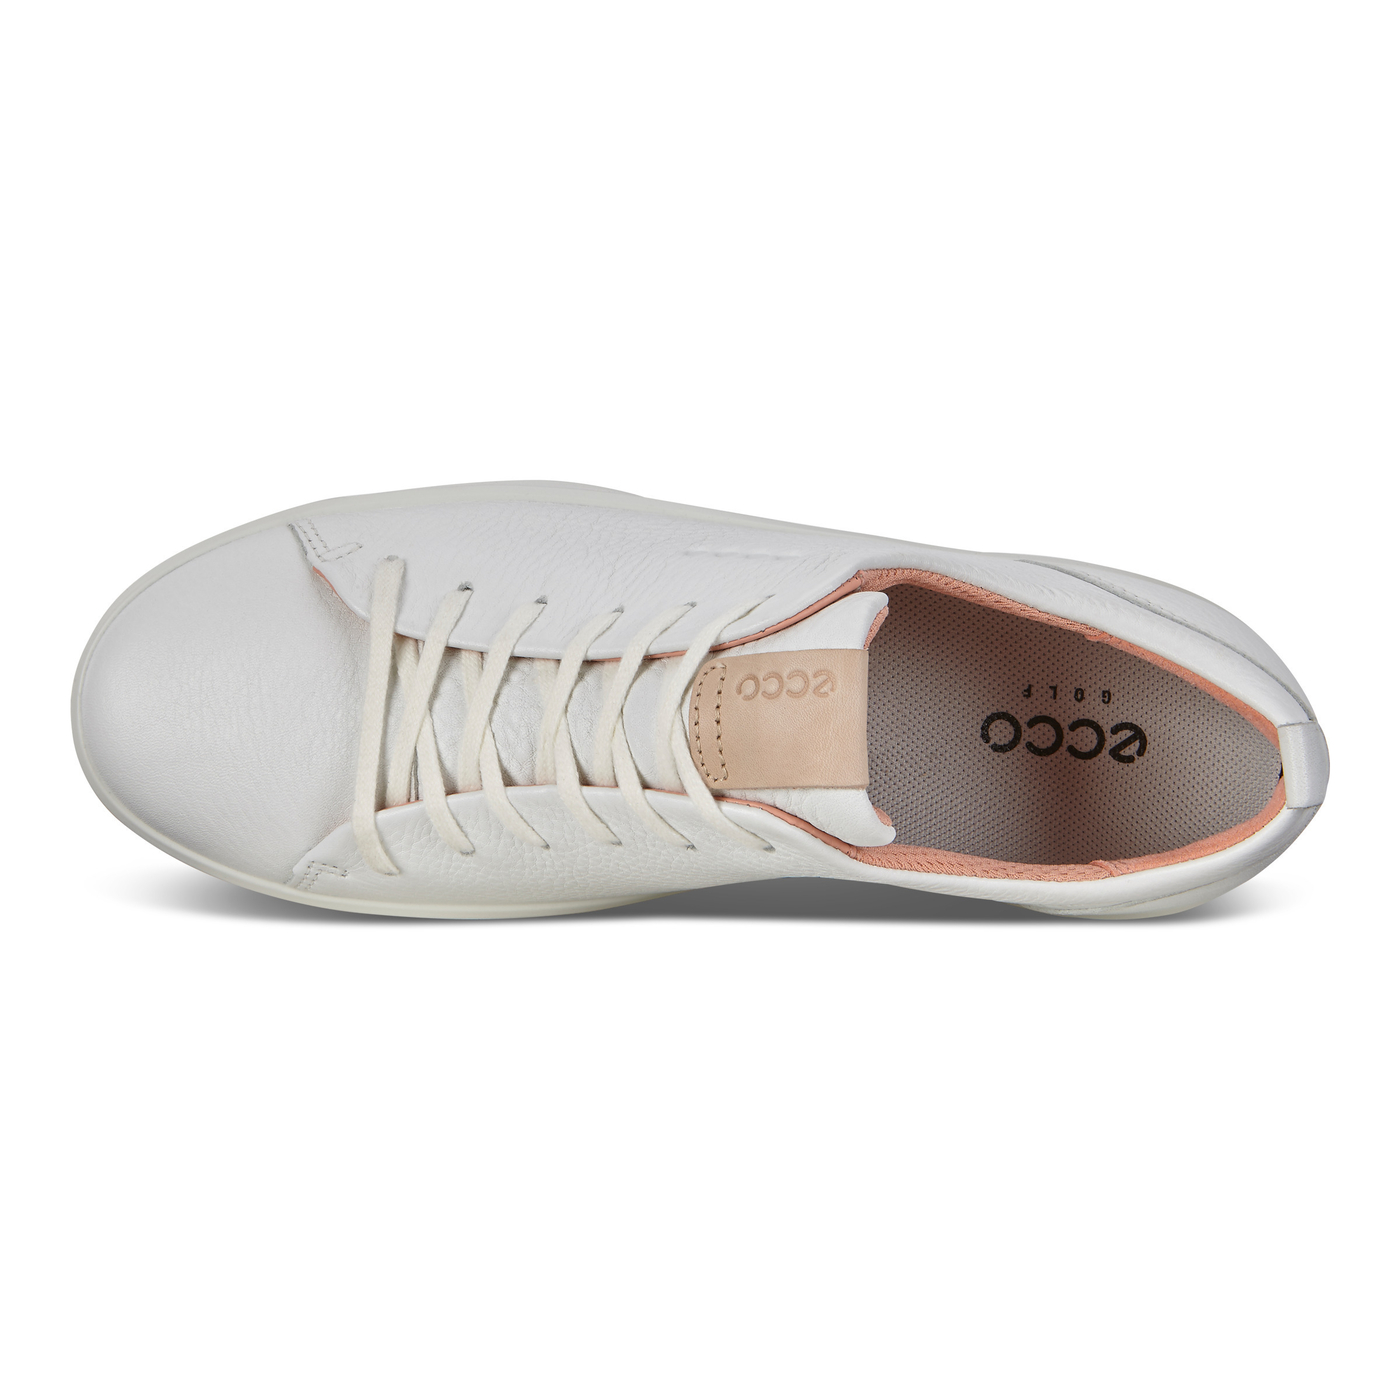 ECCO GOLF SOFT Women's Shoe